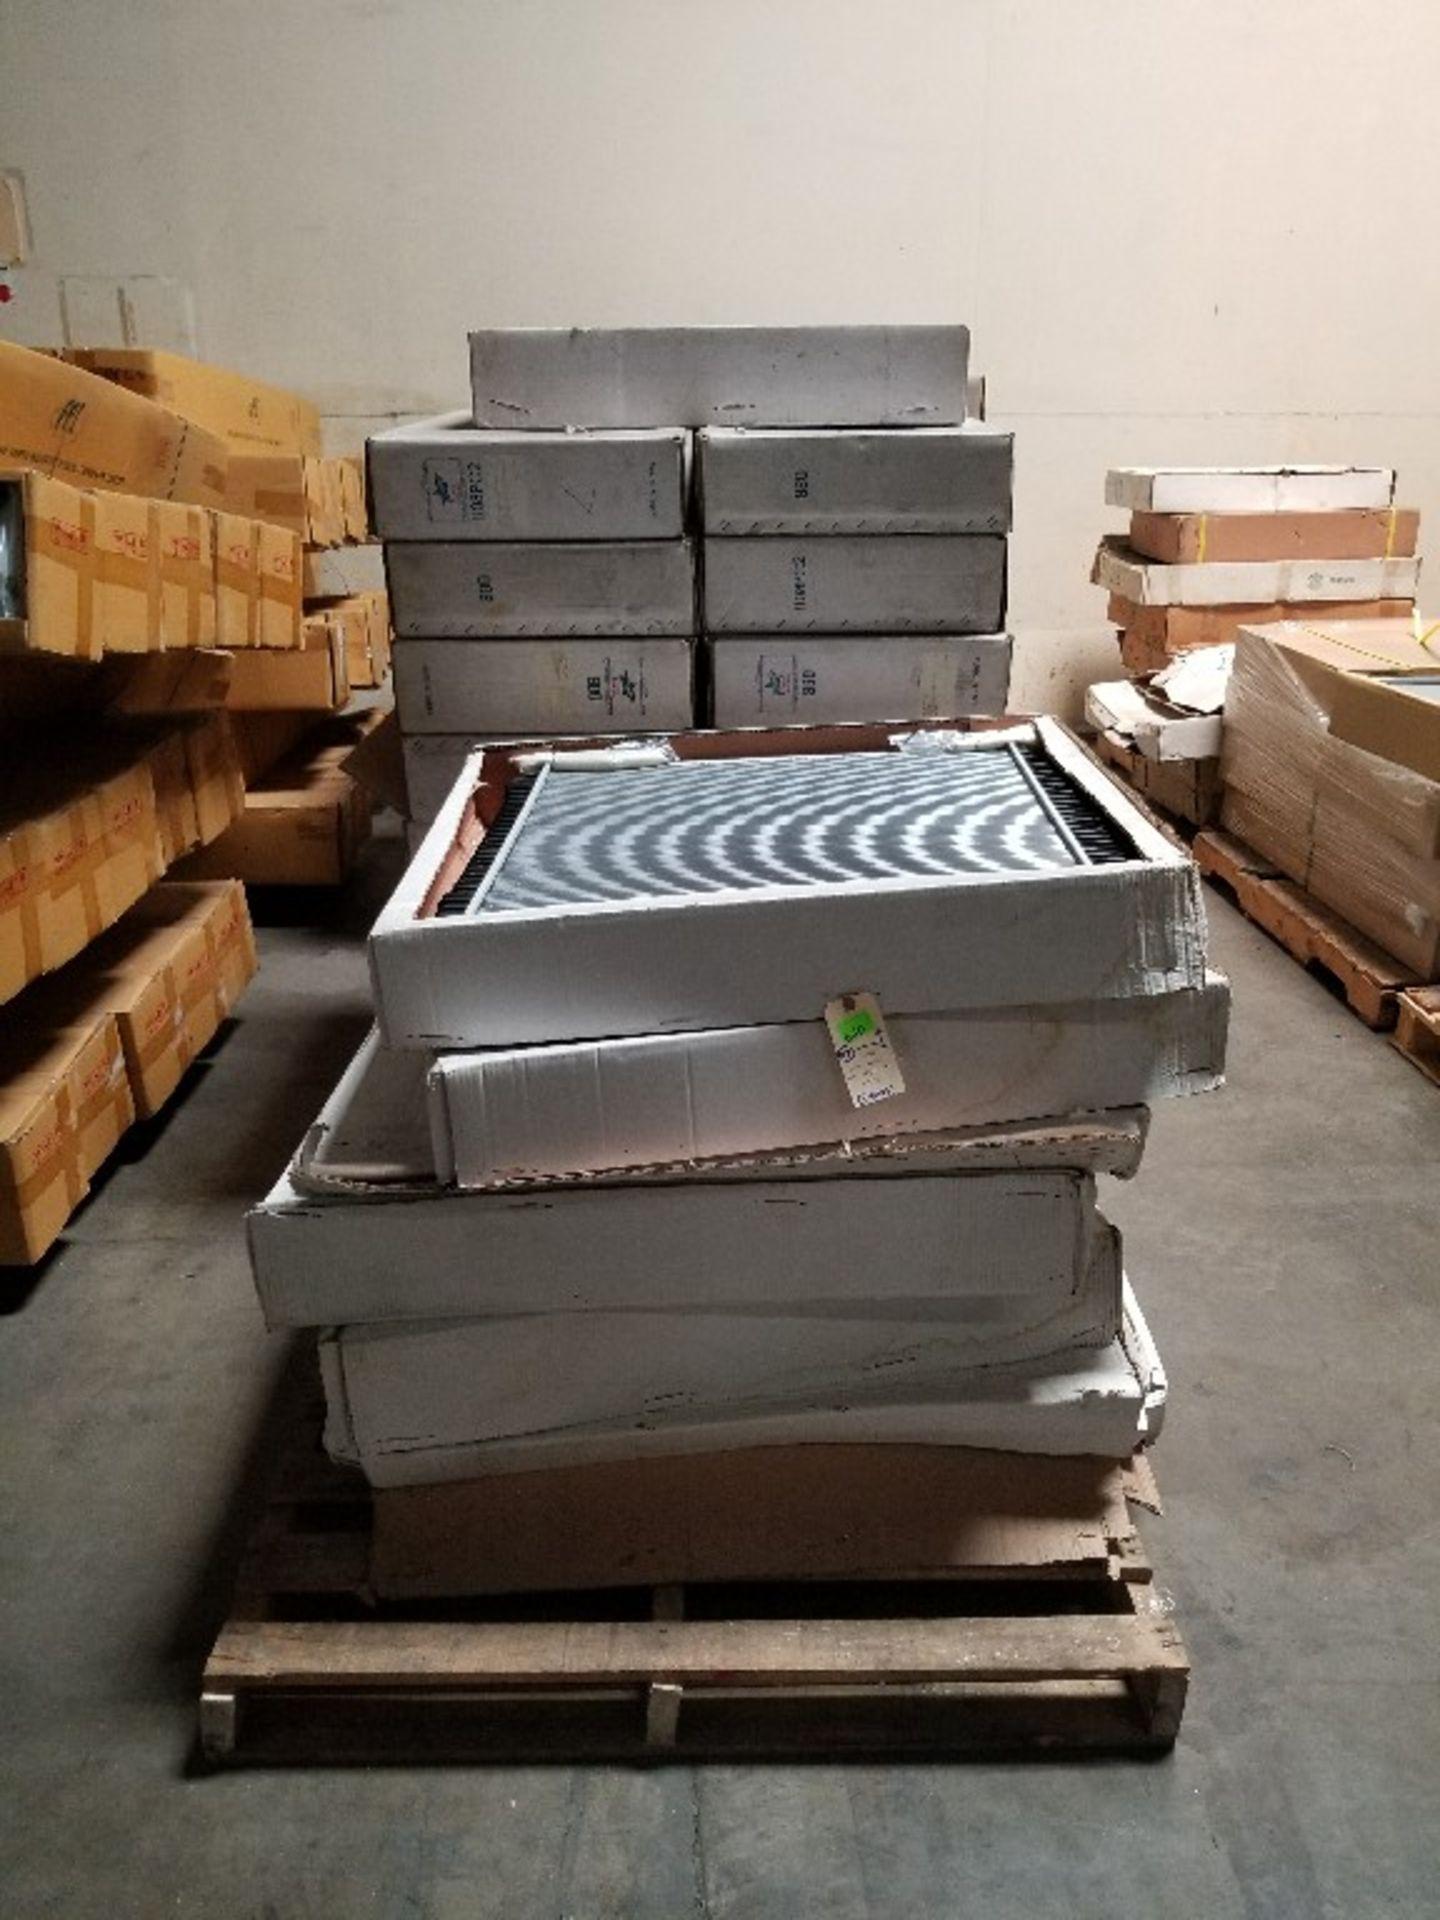 ASST RADIATORS DPI-2887-891 4 PALLETS